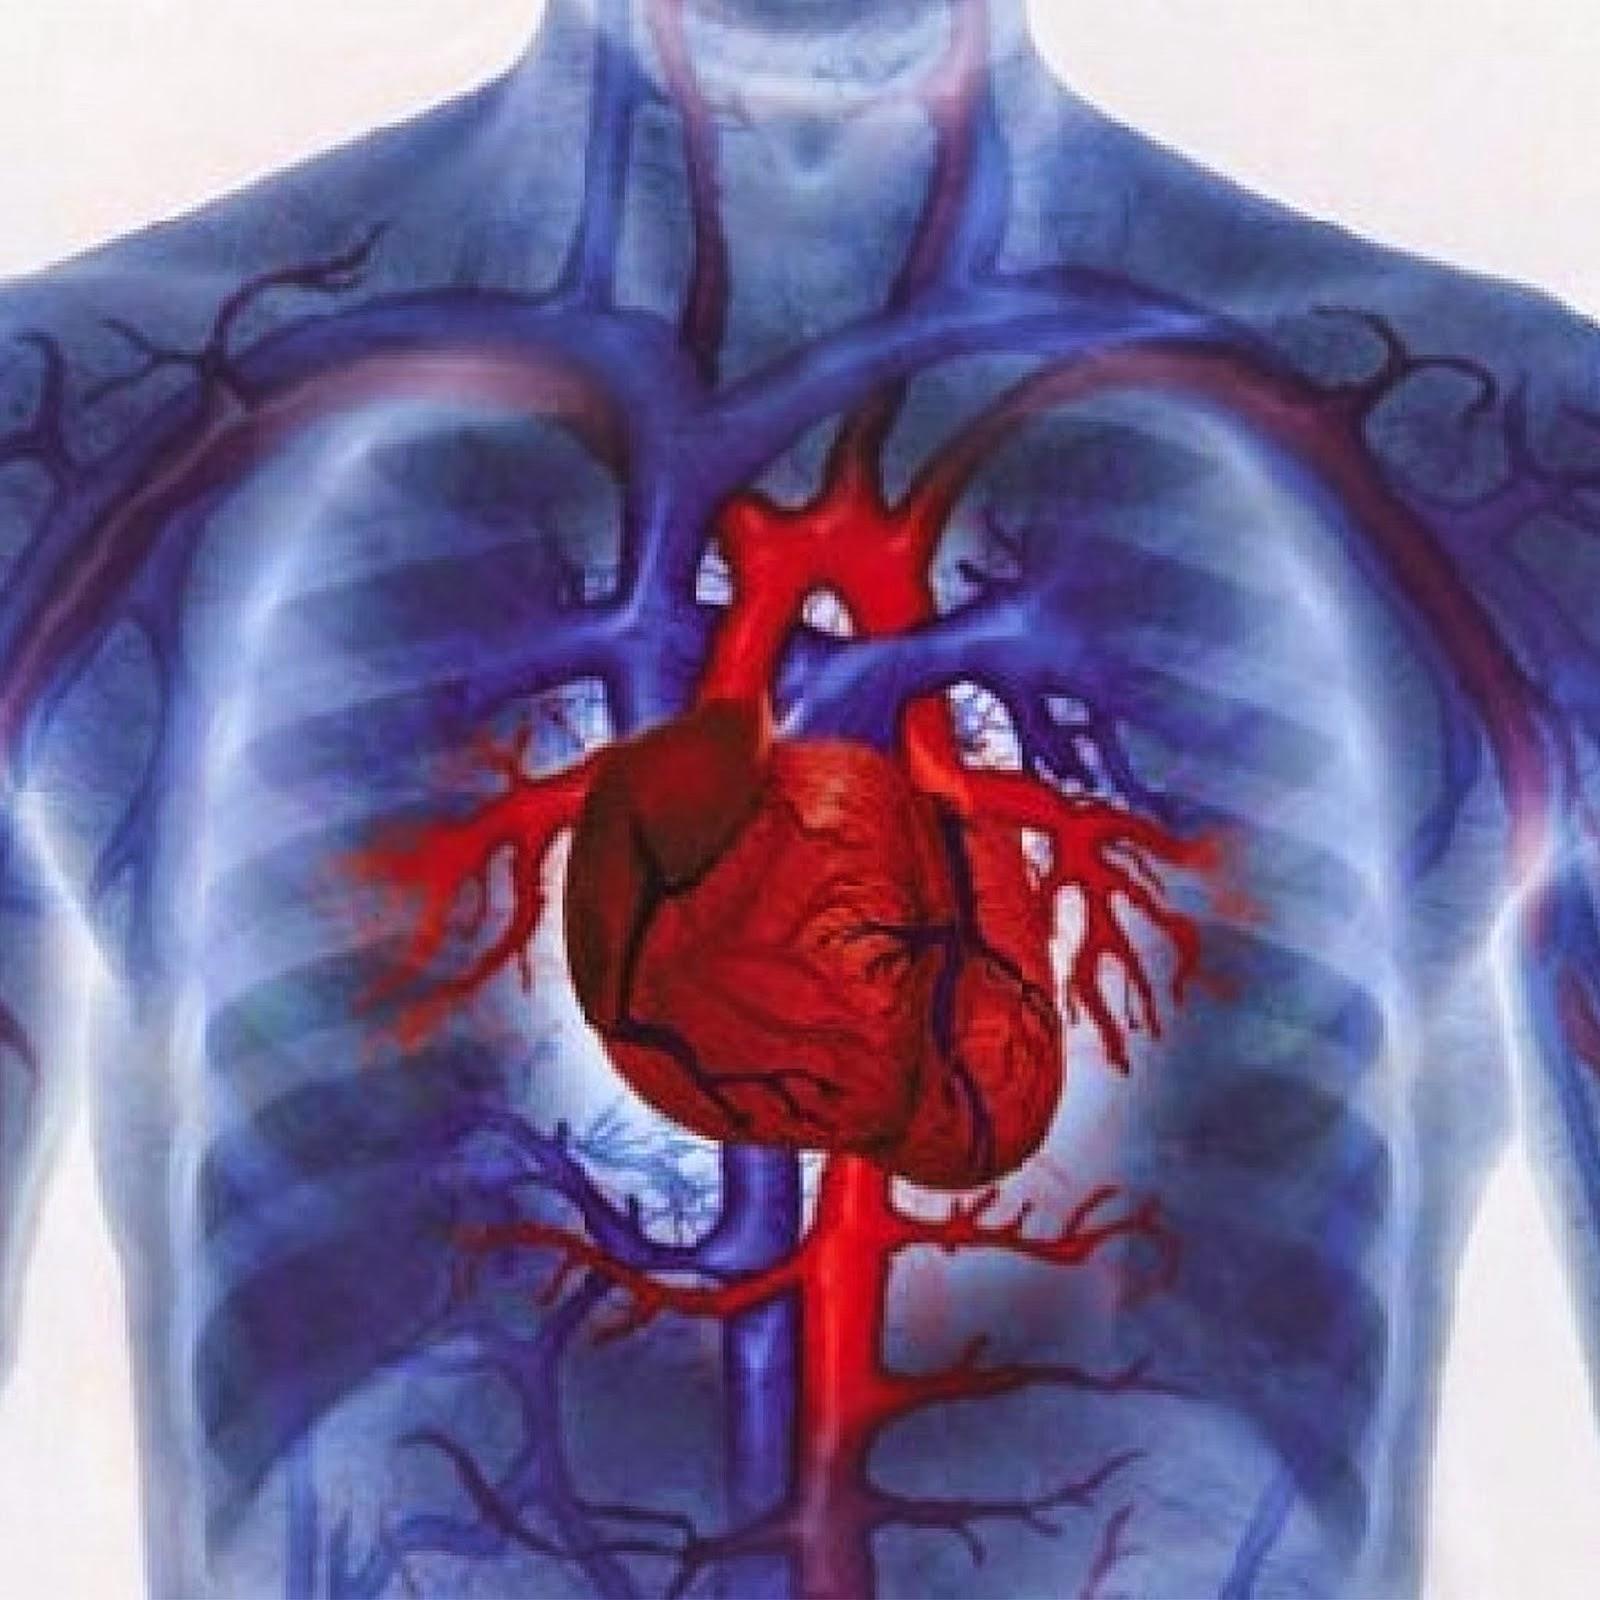 Сердце располагается горизонтально беременных